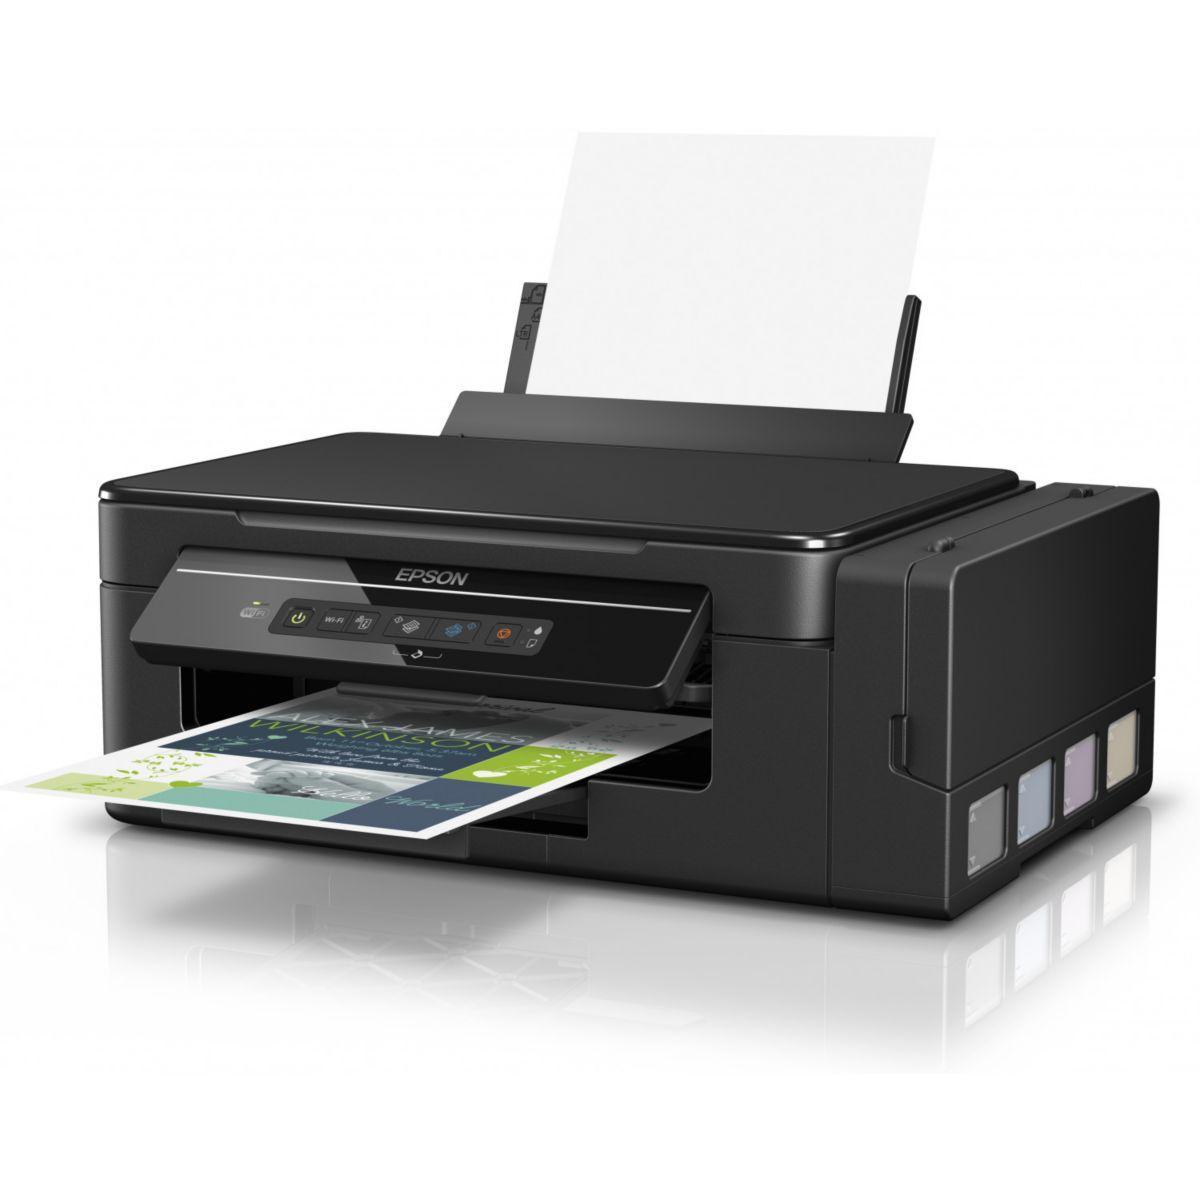 Imprimante jet d'encre epson ecotank et-2600 - livraison offerte : code liv (photo)